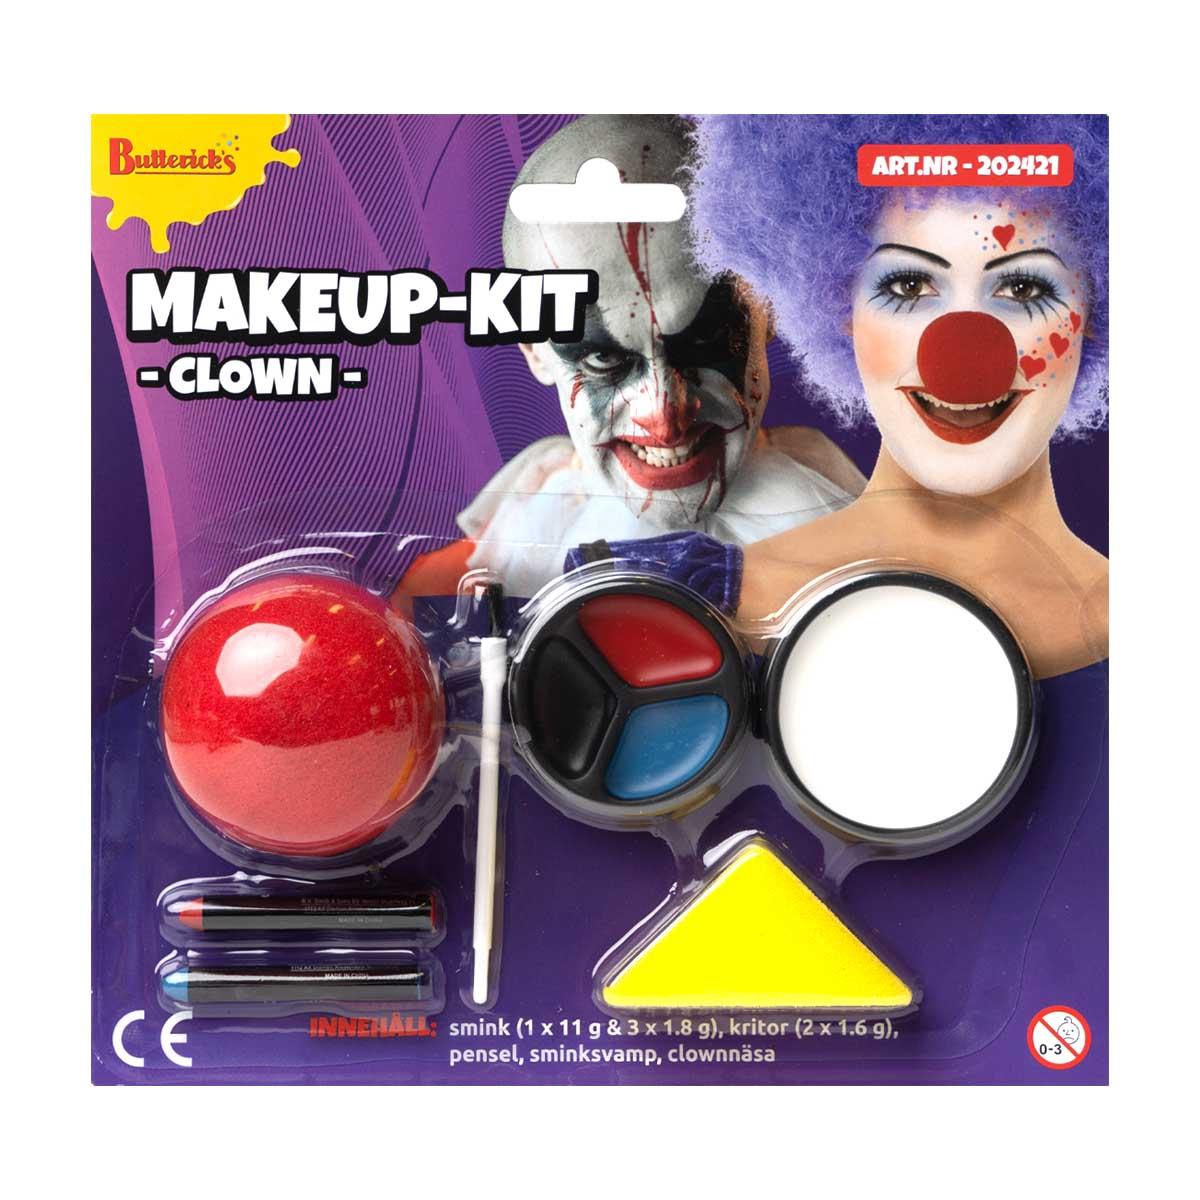 Sminkset, clown